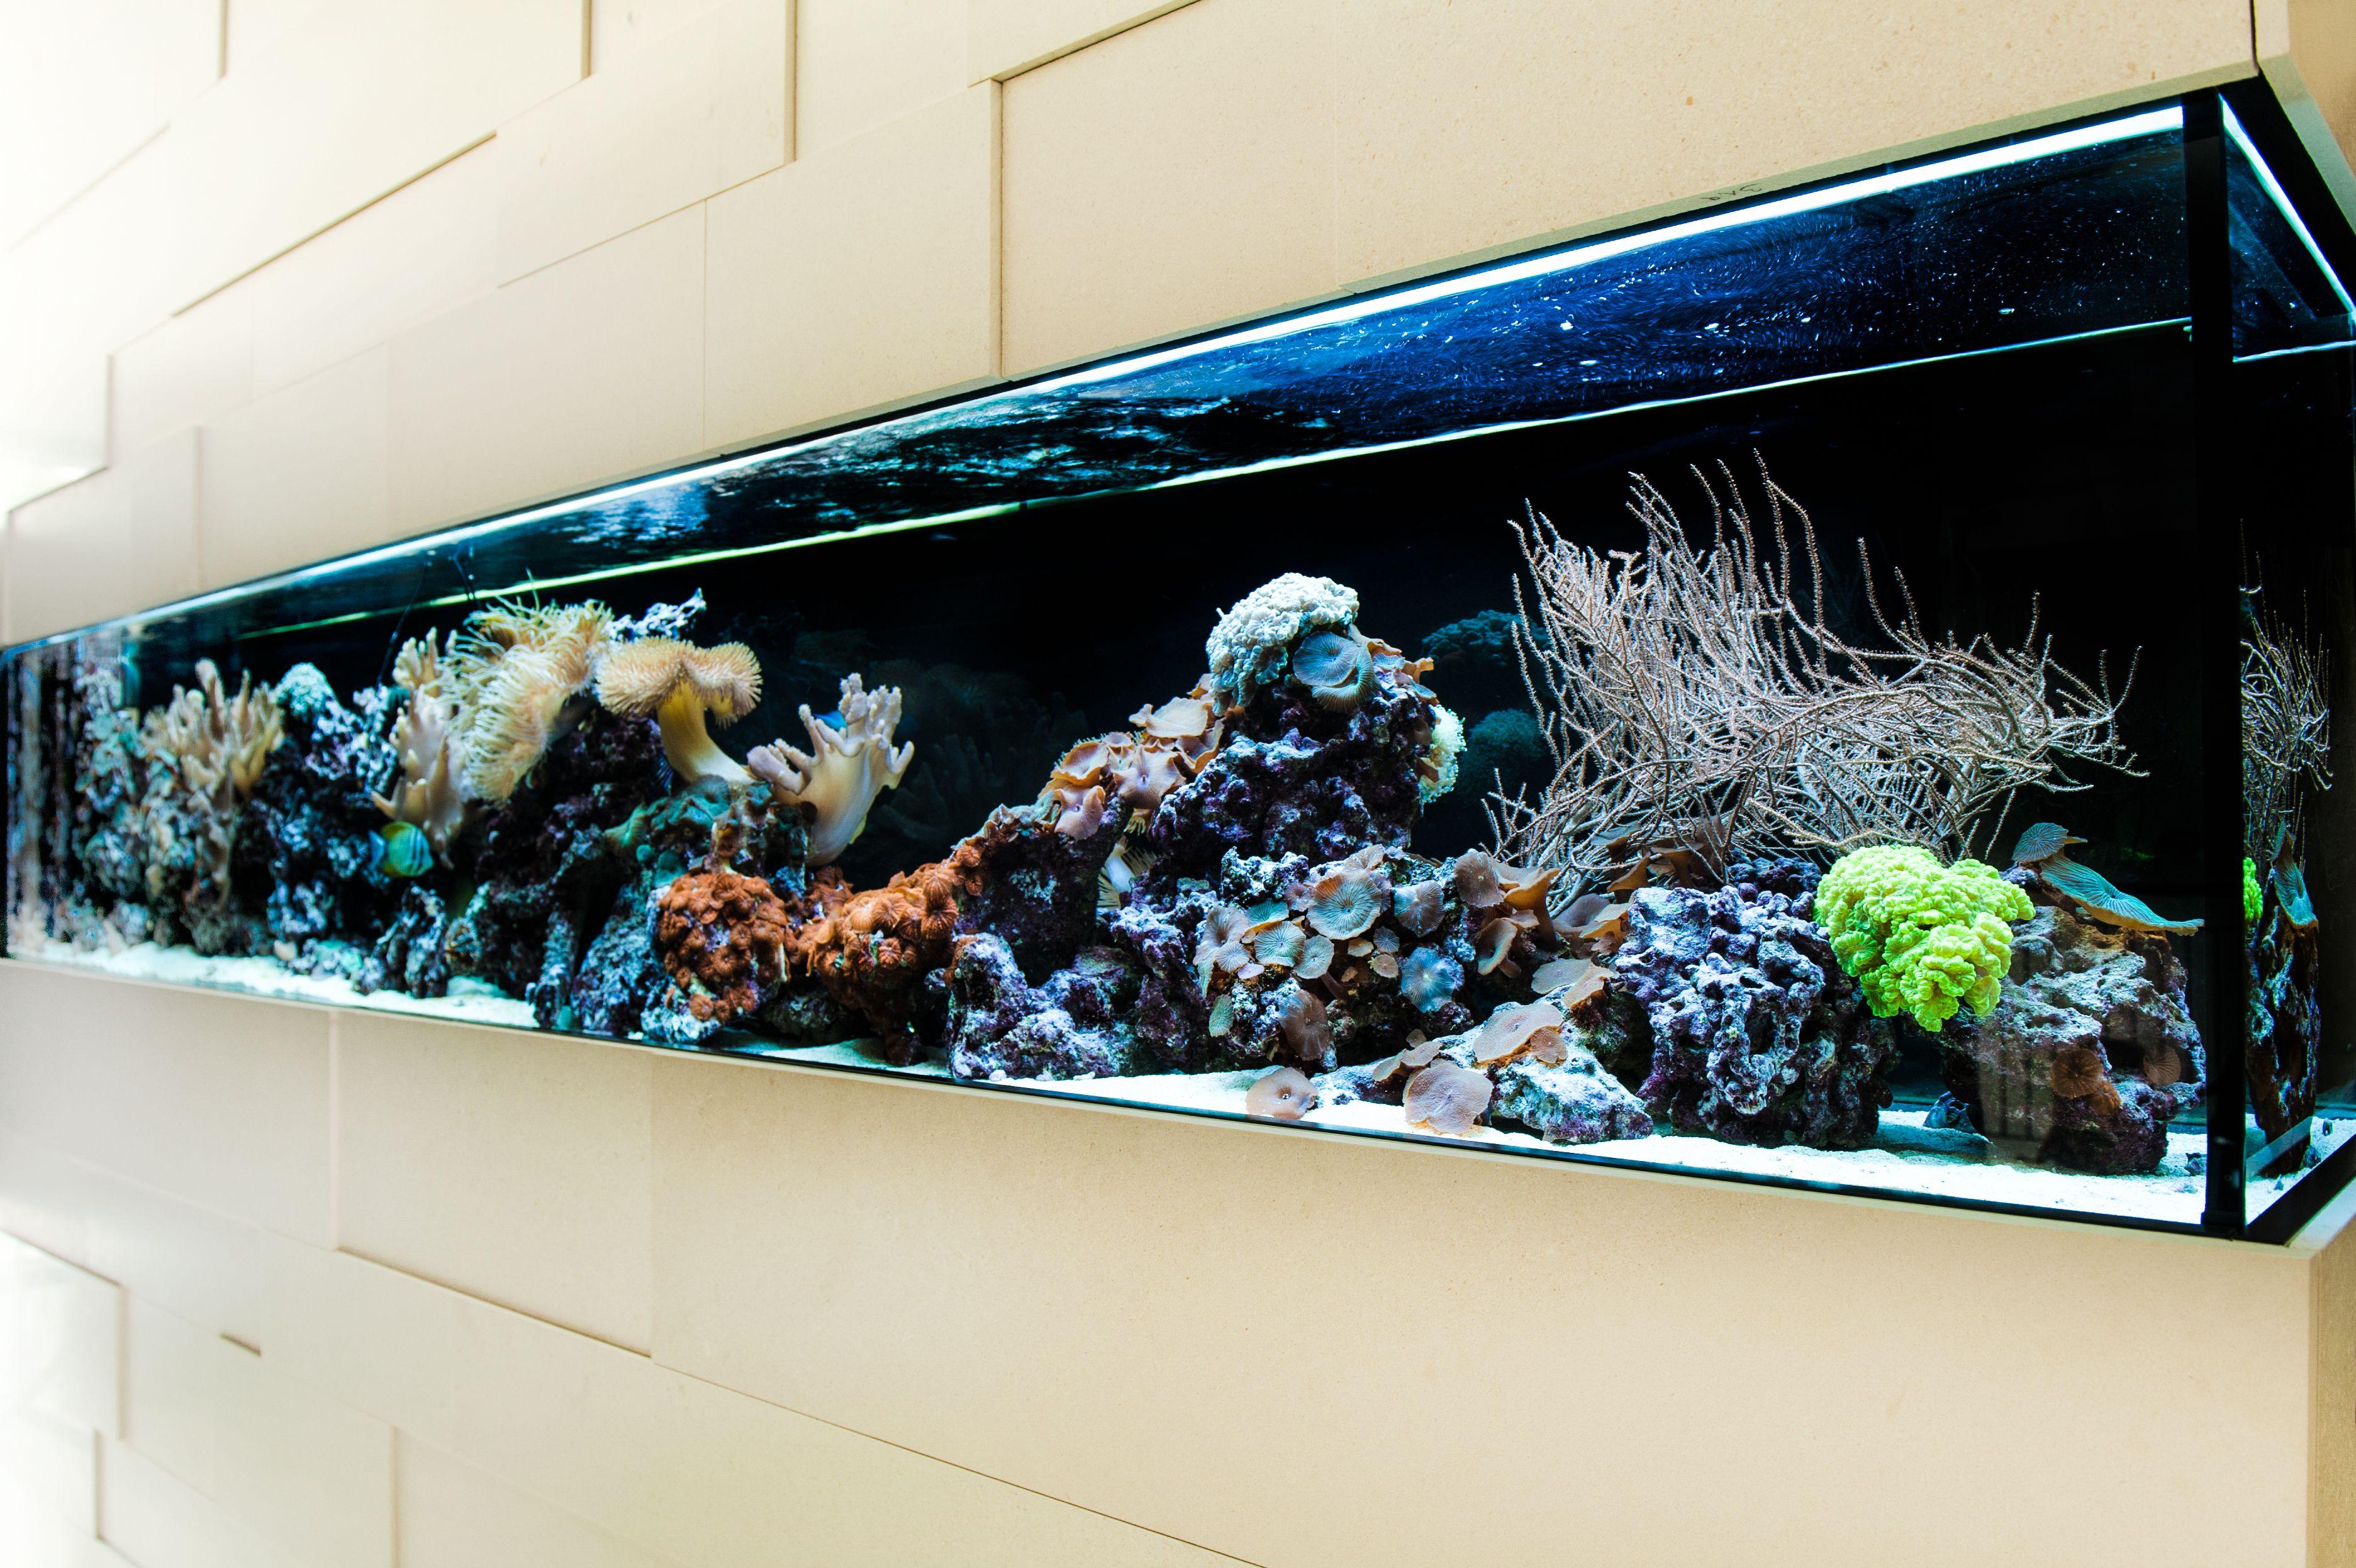 die besten 25 meerwasser aquarium ideen auf pinterest korallenriffe aquarienfische und rochen. Black Bedroom Furniture Sets. Home Design Ideas